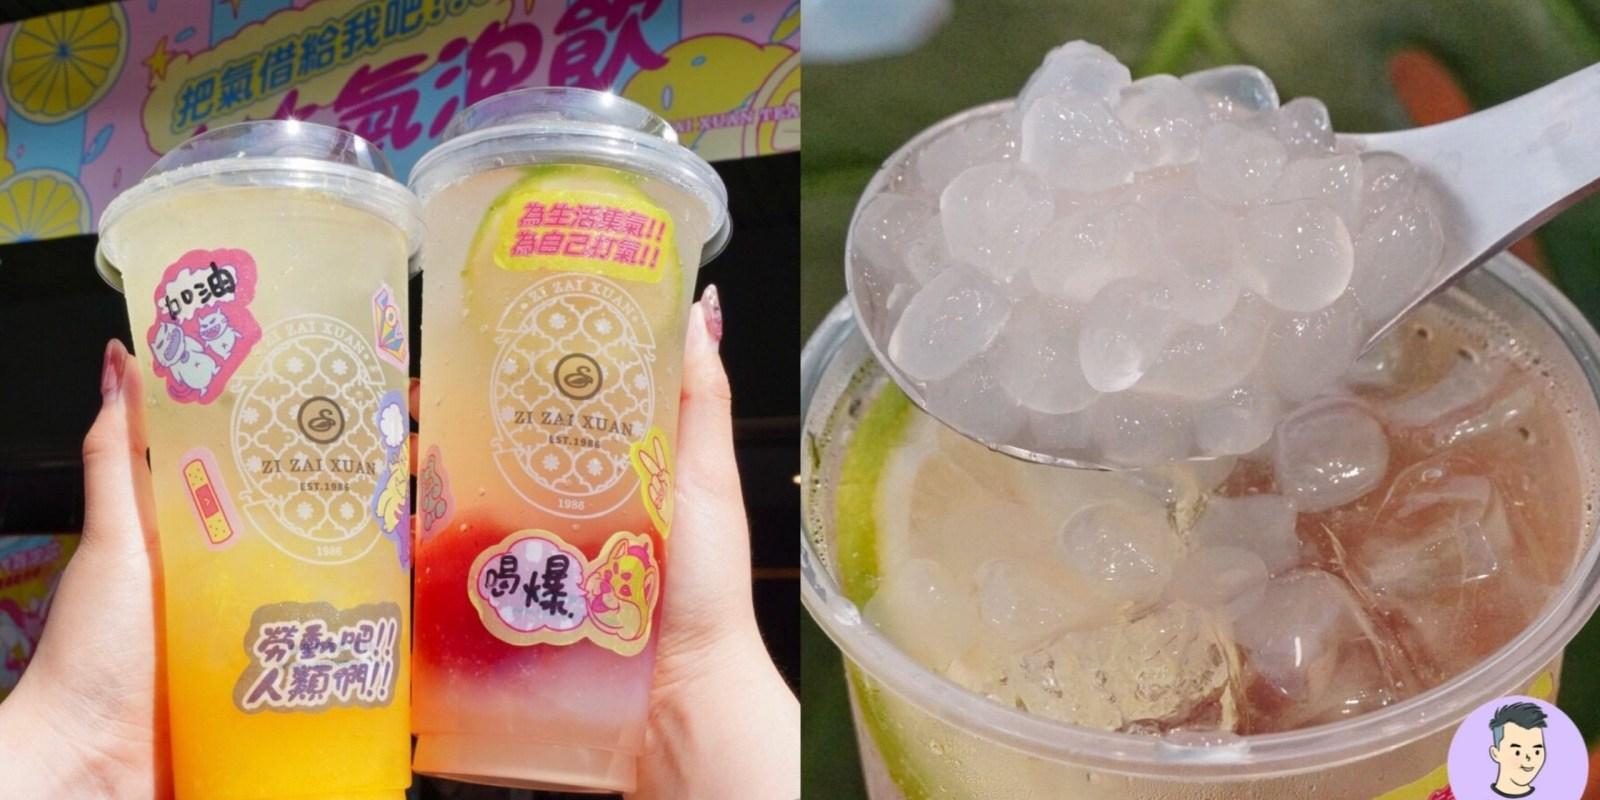 限時兩個月!季節限定「ㄘㄘ氣泡飲」買就送杯貼搞創意!還有機會抽中氣泡機 有買五送一 自在軒裕農總店